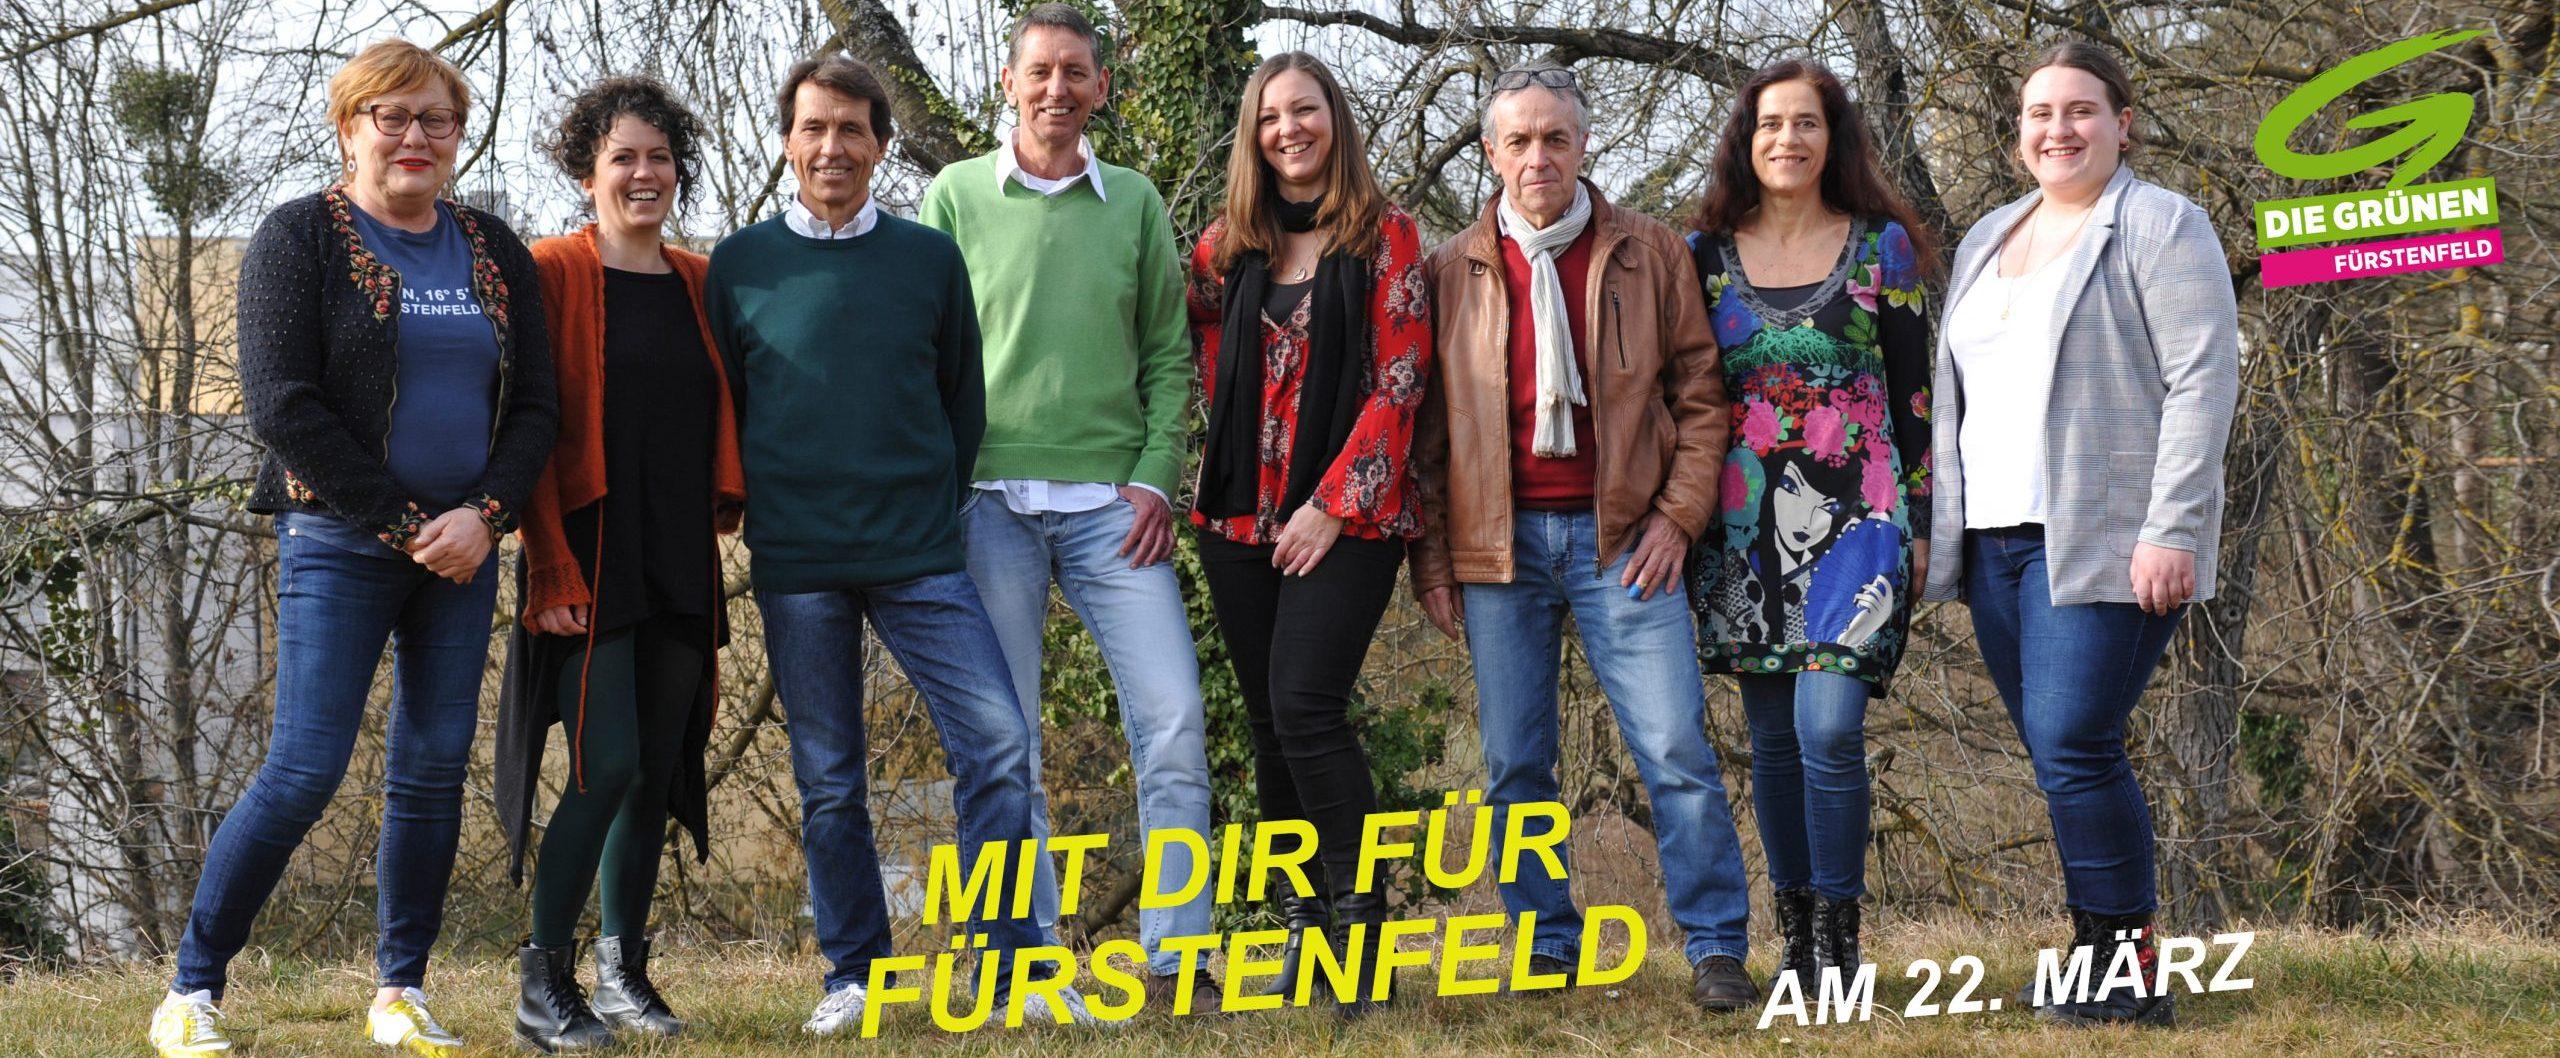 Grüne Politik für alle Fürstenfelderinnen und Fürstenfelder